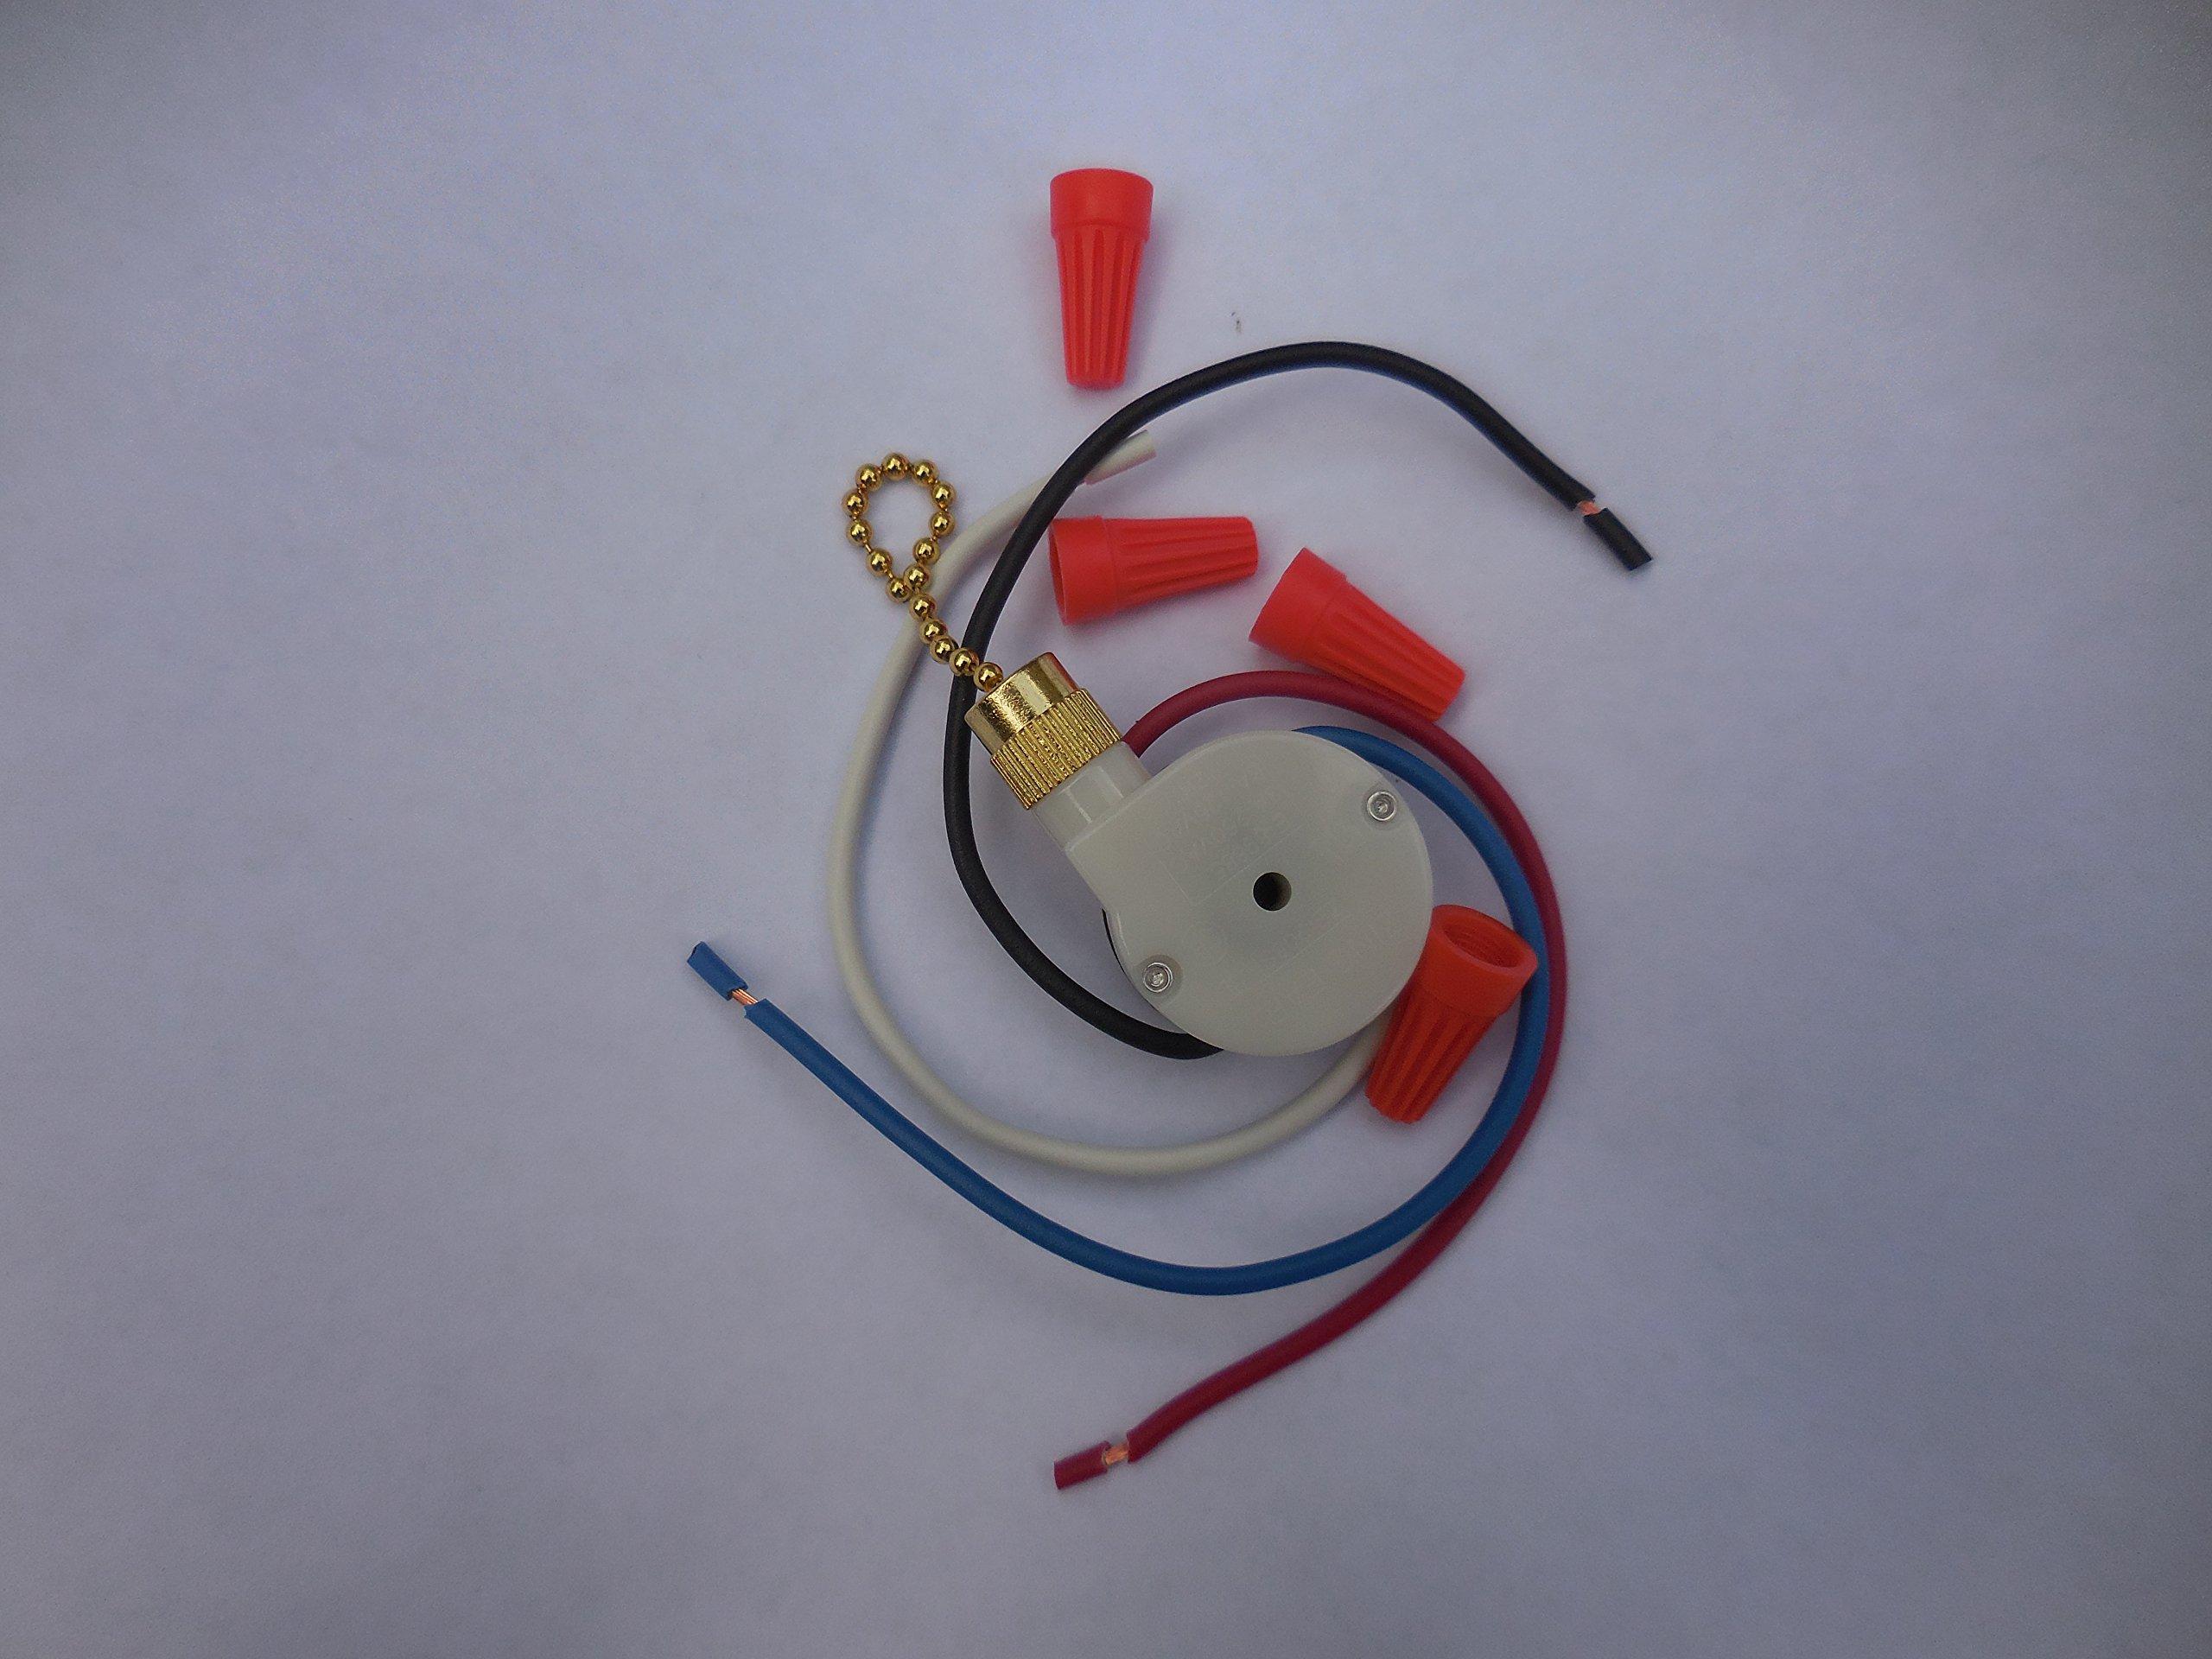 Fan Speed Switch Wiring Diagram Wire Ceiling Fan Switch 3 Speed